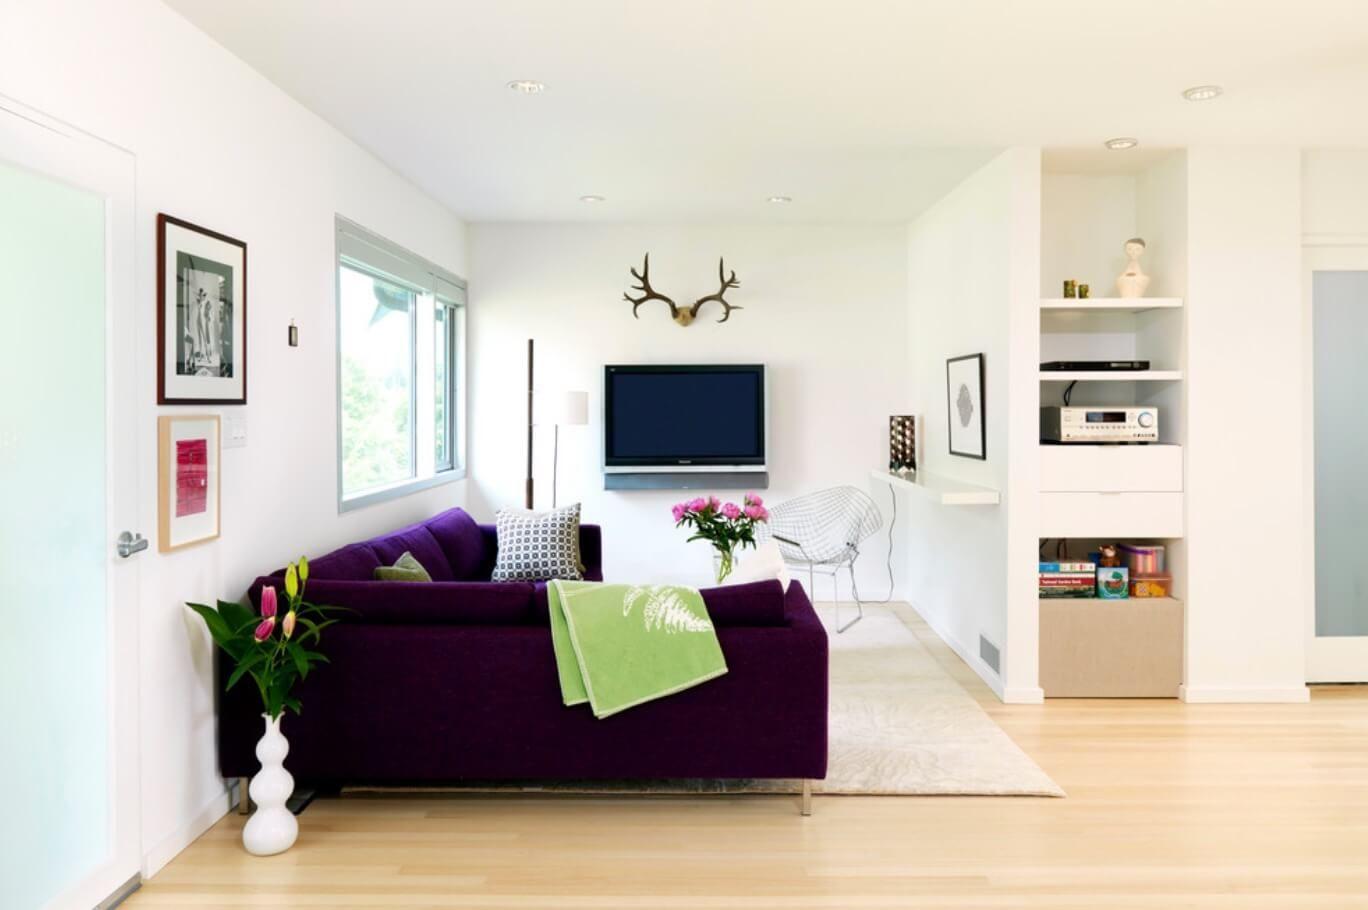 Innenarchitektur für wohnzimmer für kleines haus  ideen wie sie ihren kleinen raum optimal nutzen können